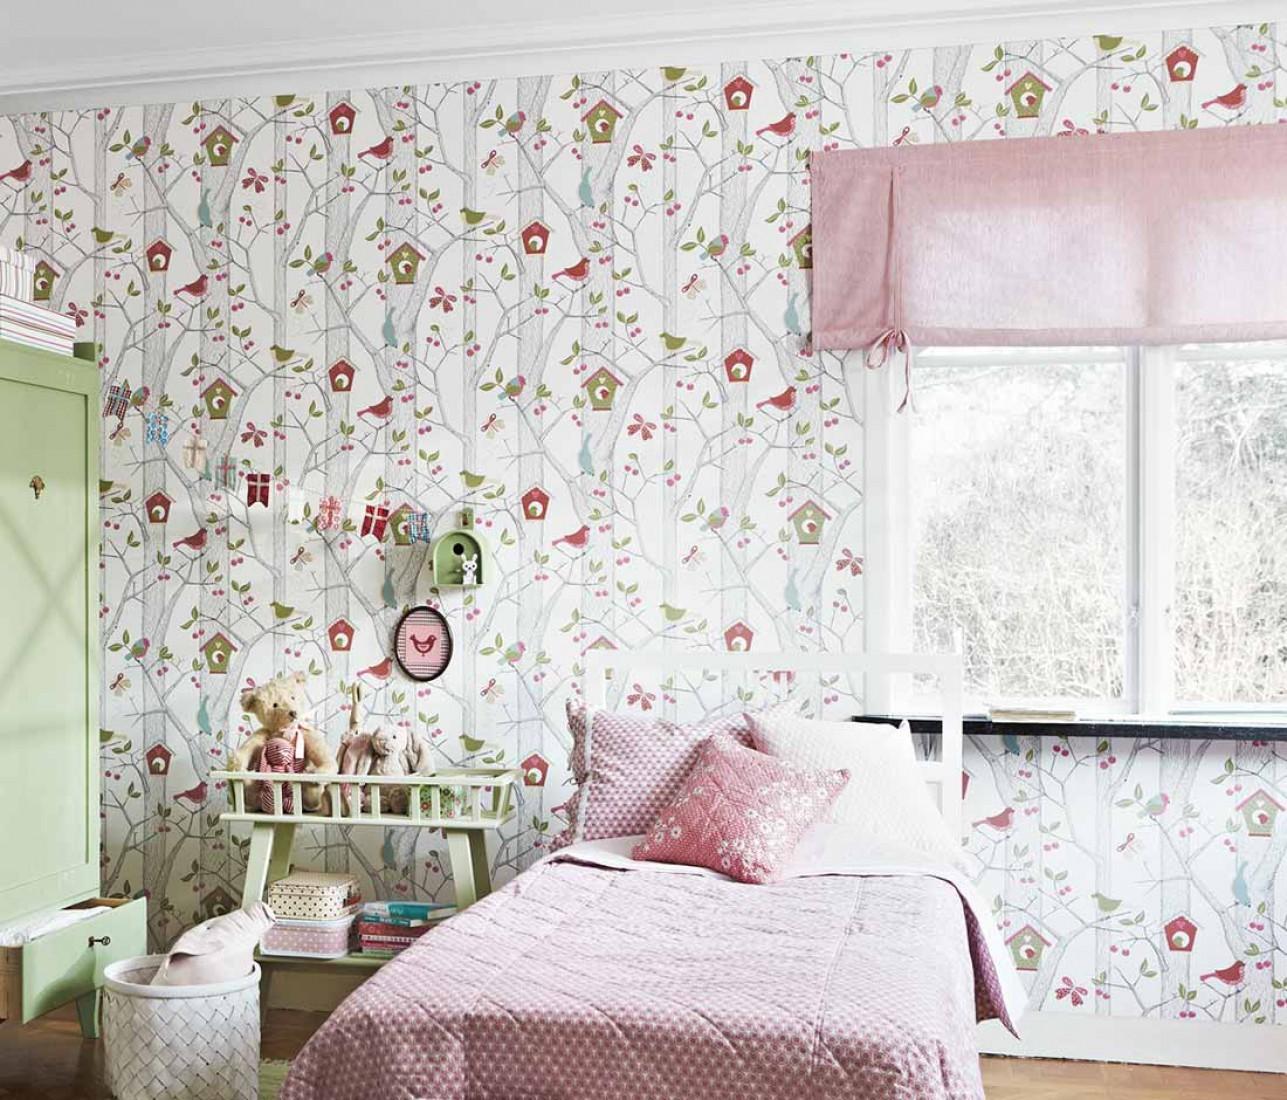 papel de parede floral_voceprecisadecor02